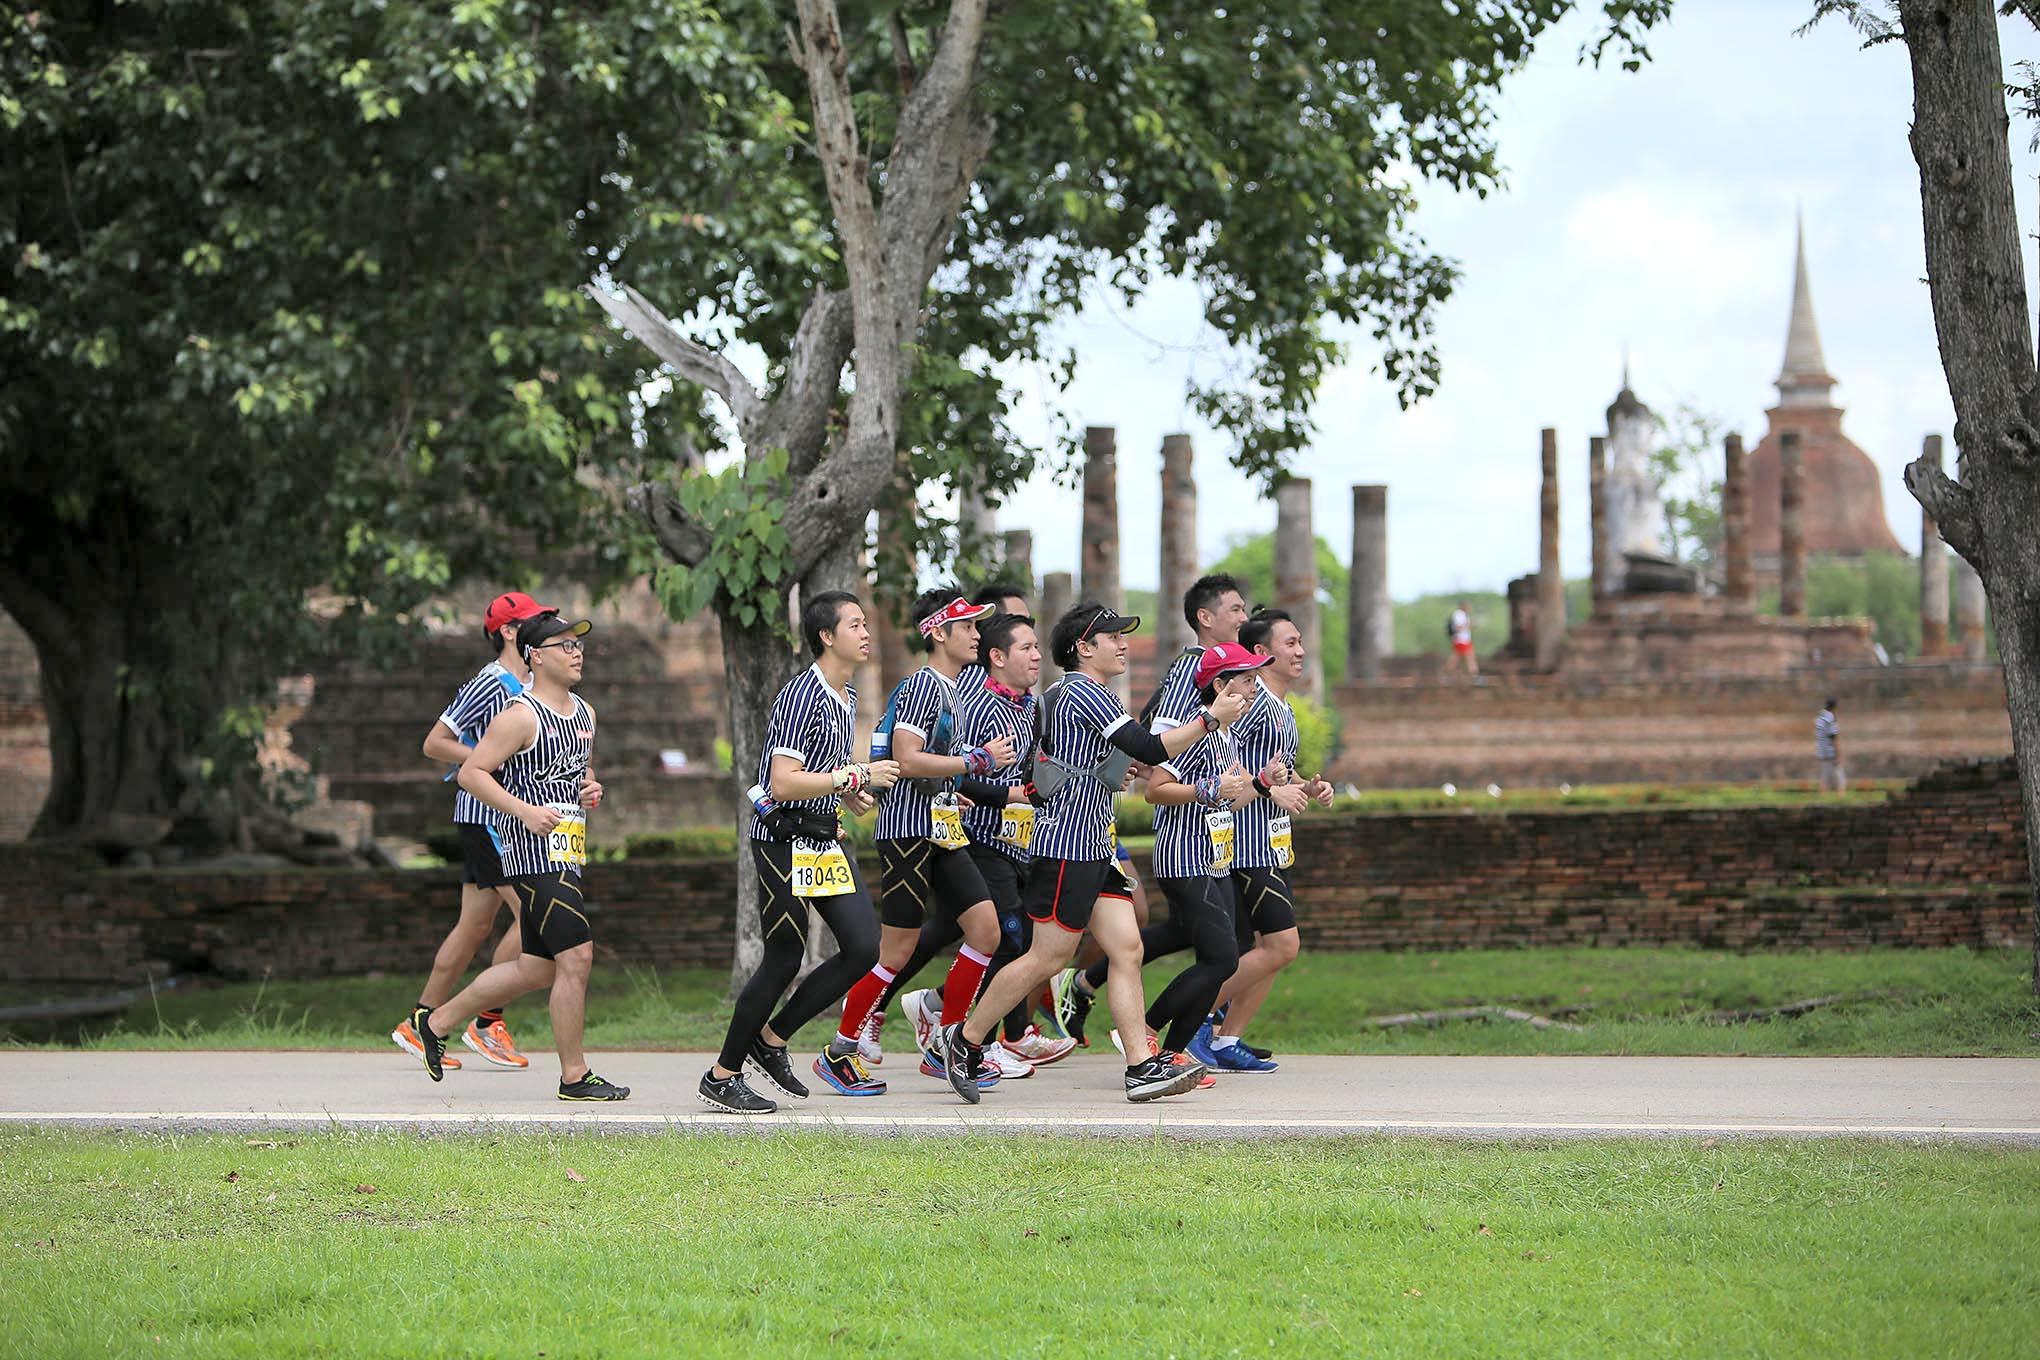 กลุ่มนักวิ่ง